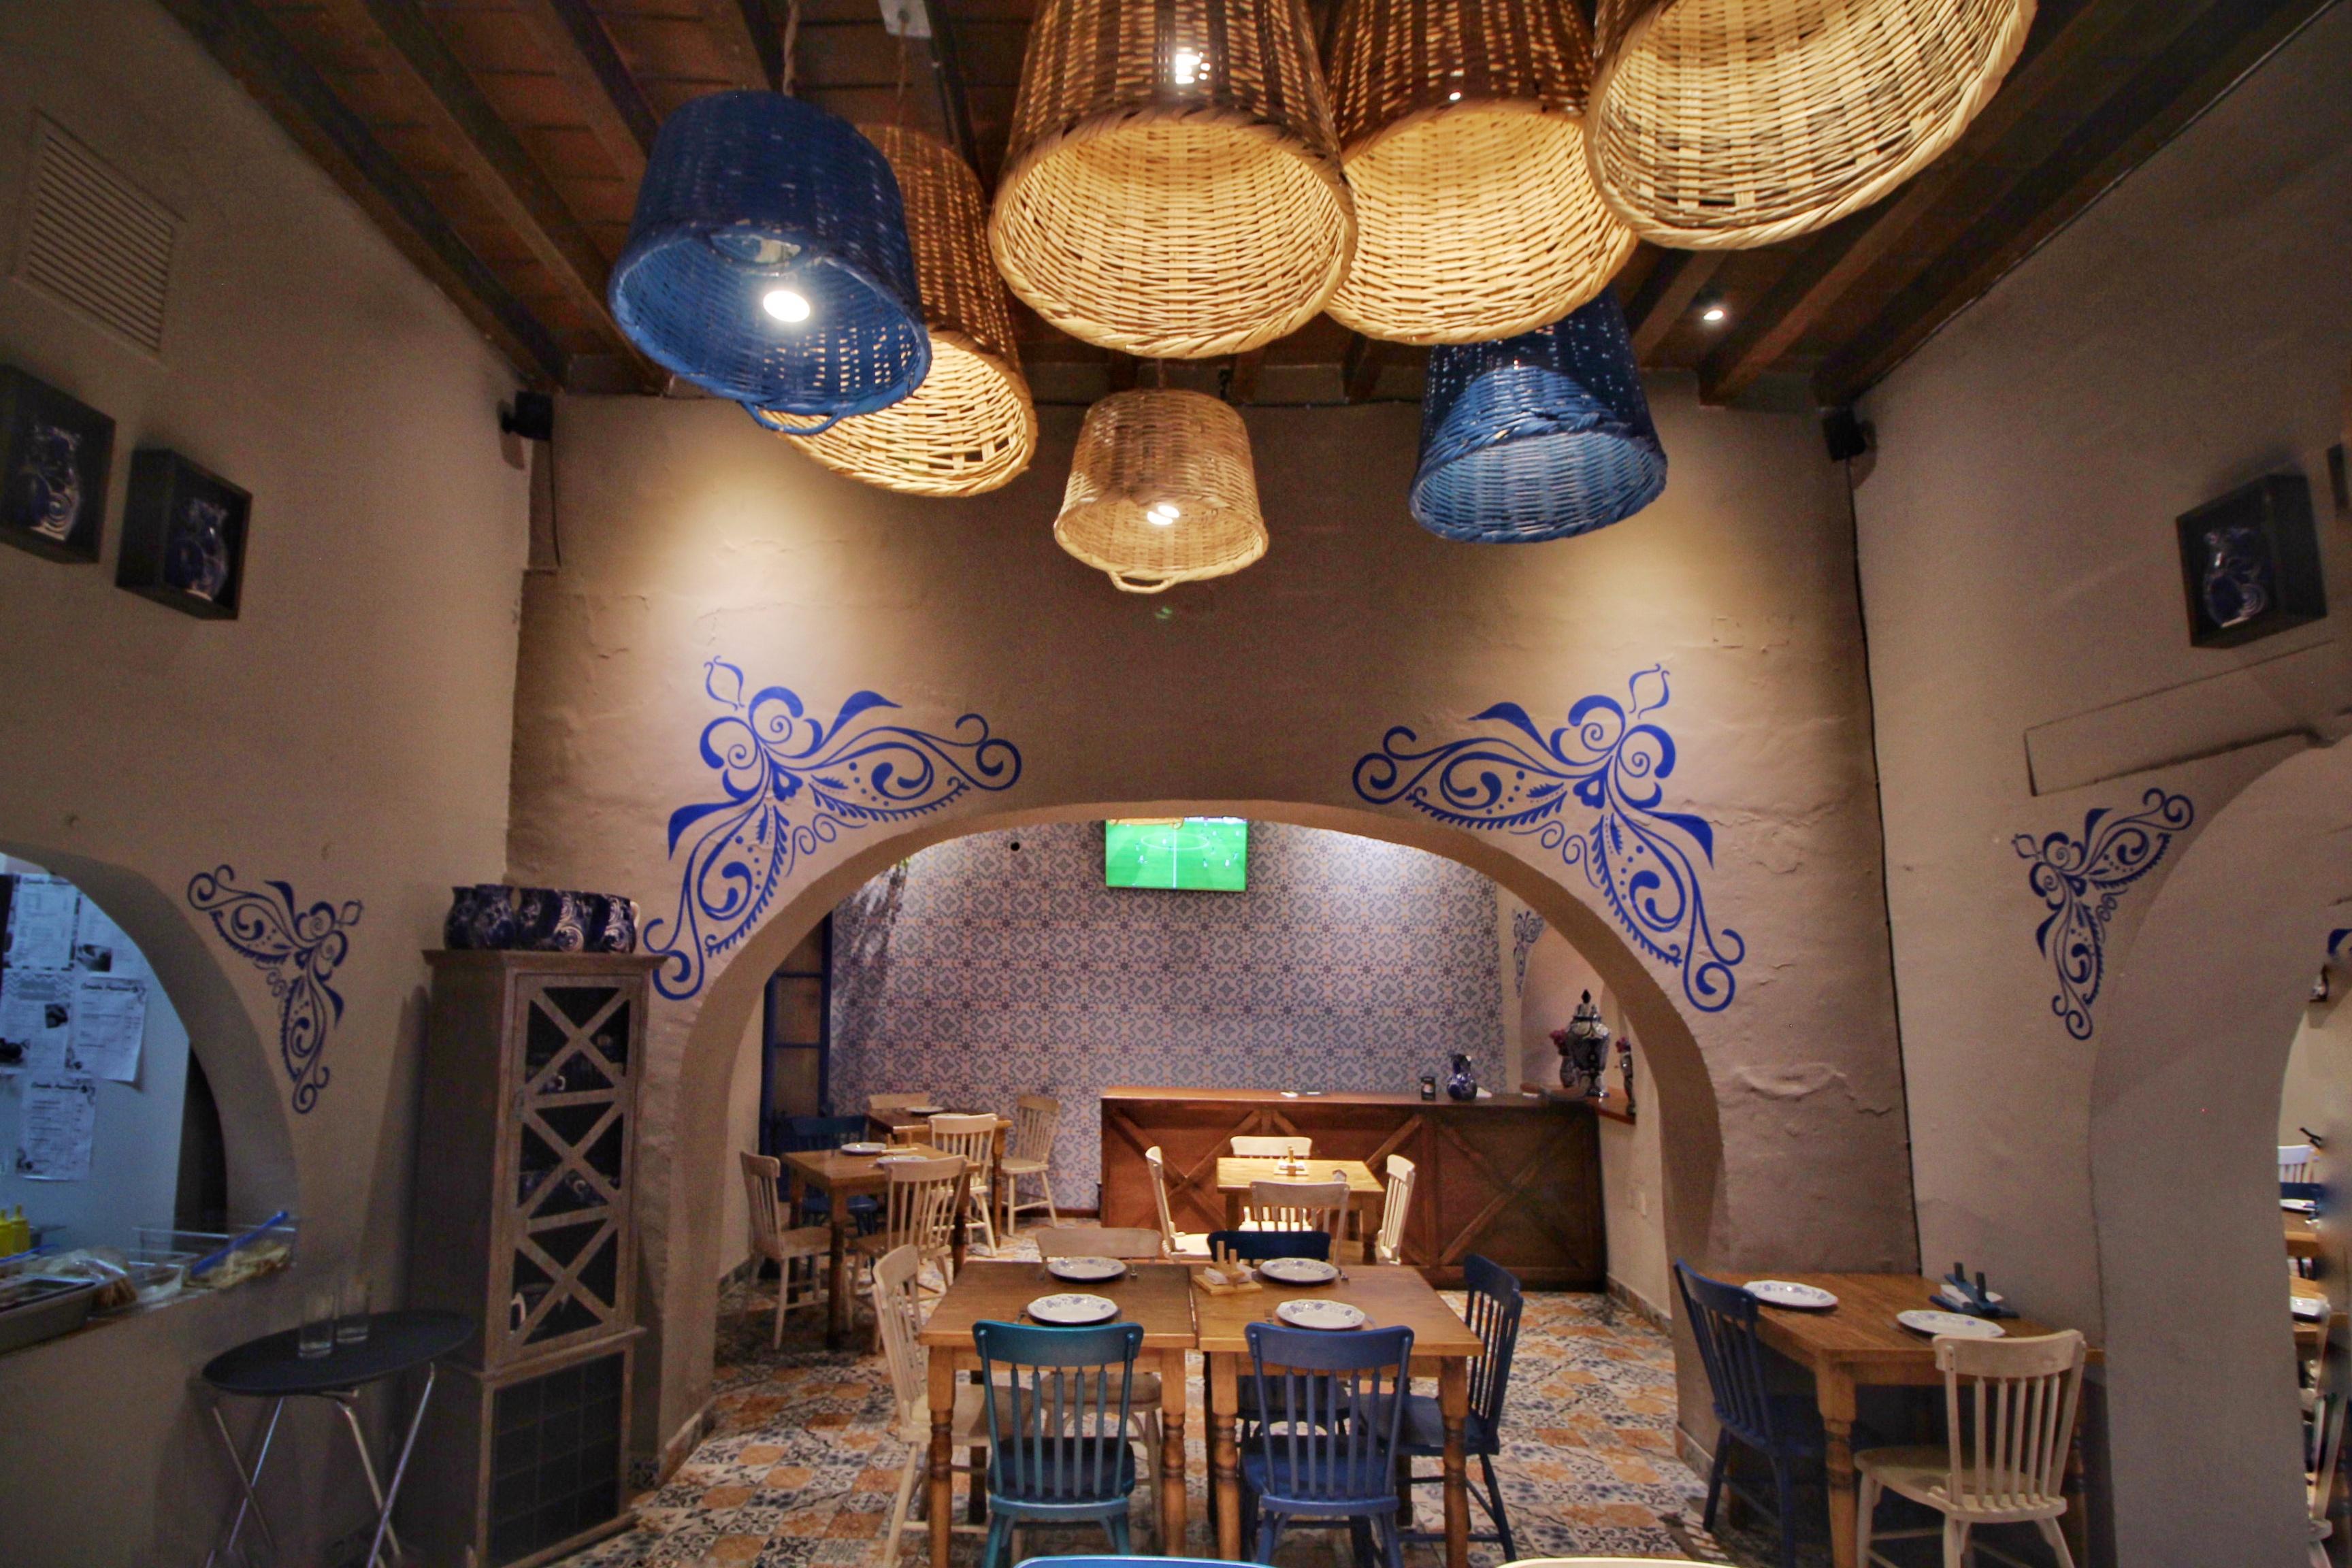 El restaurante en Guanajuato con cuatro asombrosos niveles de experiencias gastronómicas 🍽️